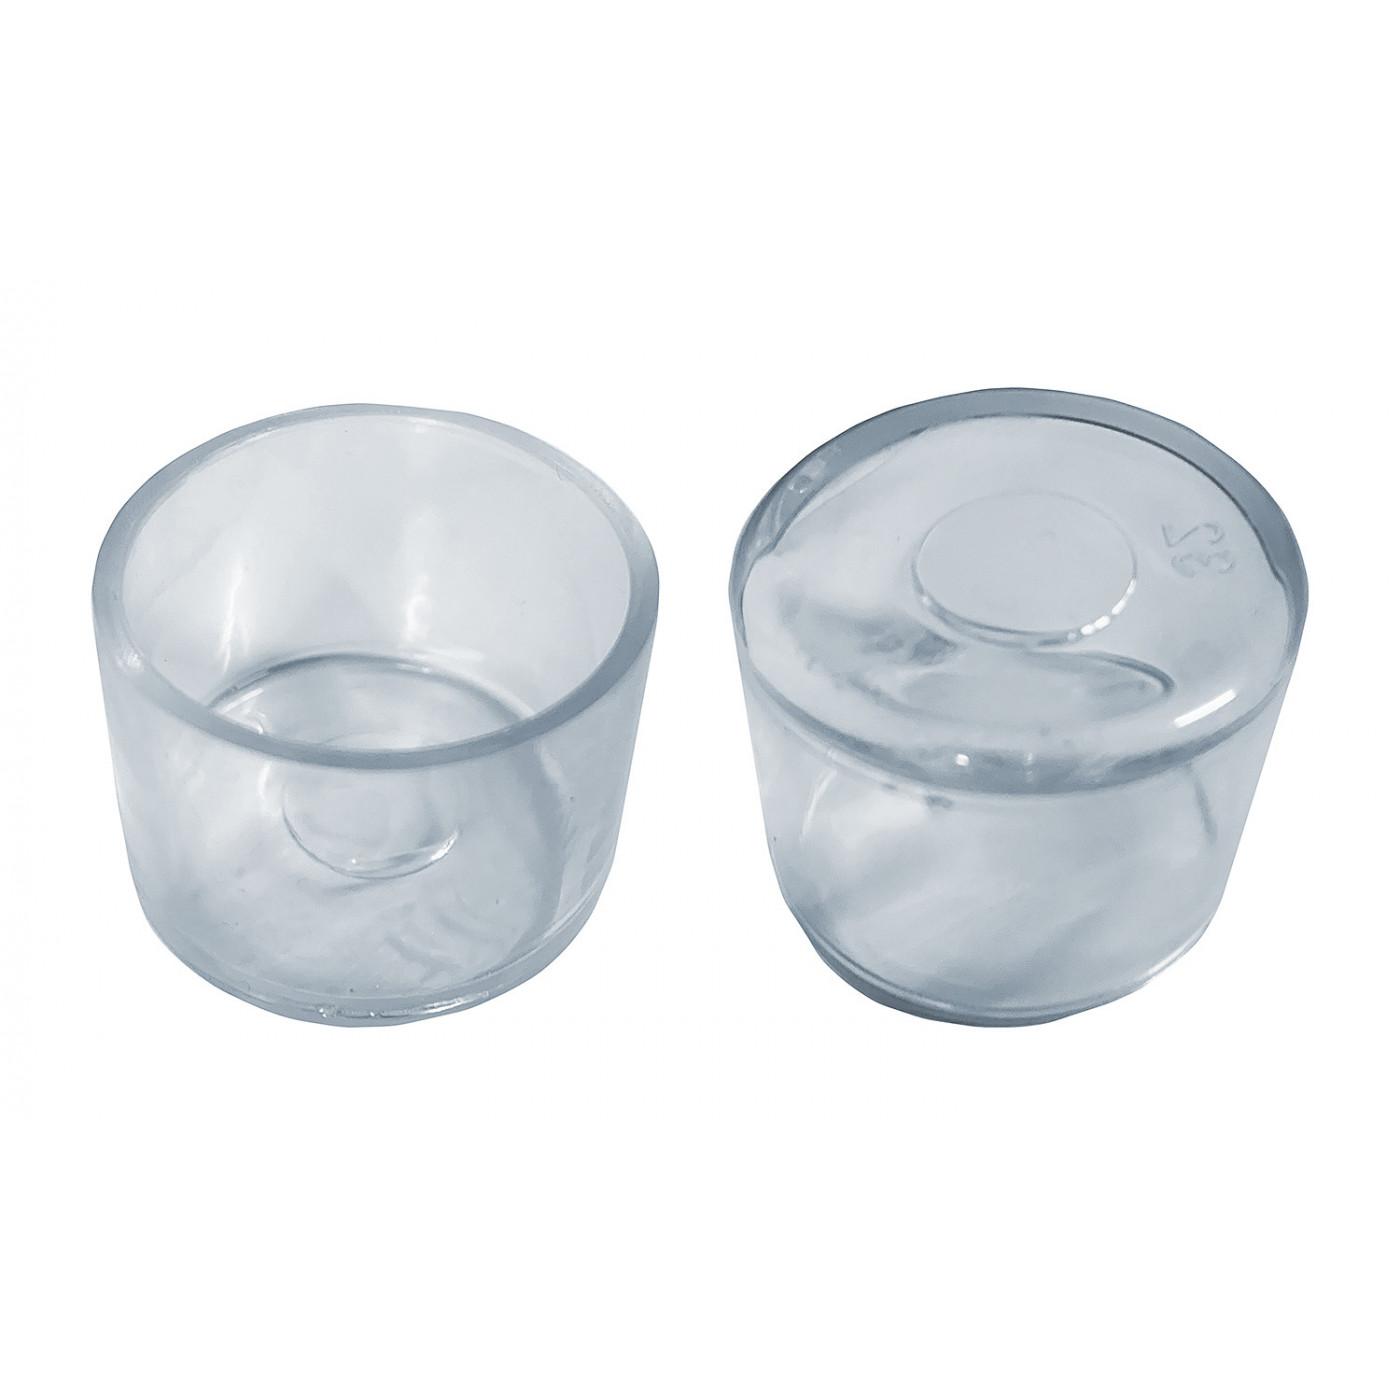 Set von 32 silikonkappen (Außenkappe, rund, 30 mm, transparent) [O-RO-30-T]  - 1